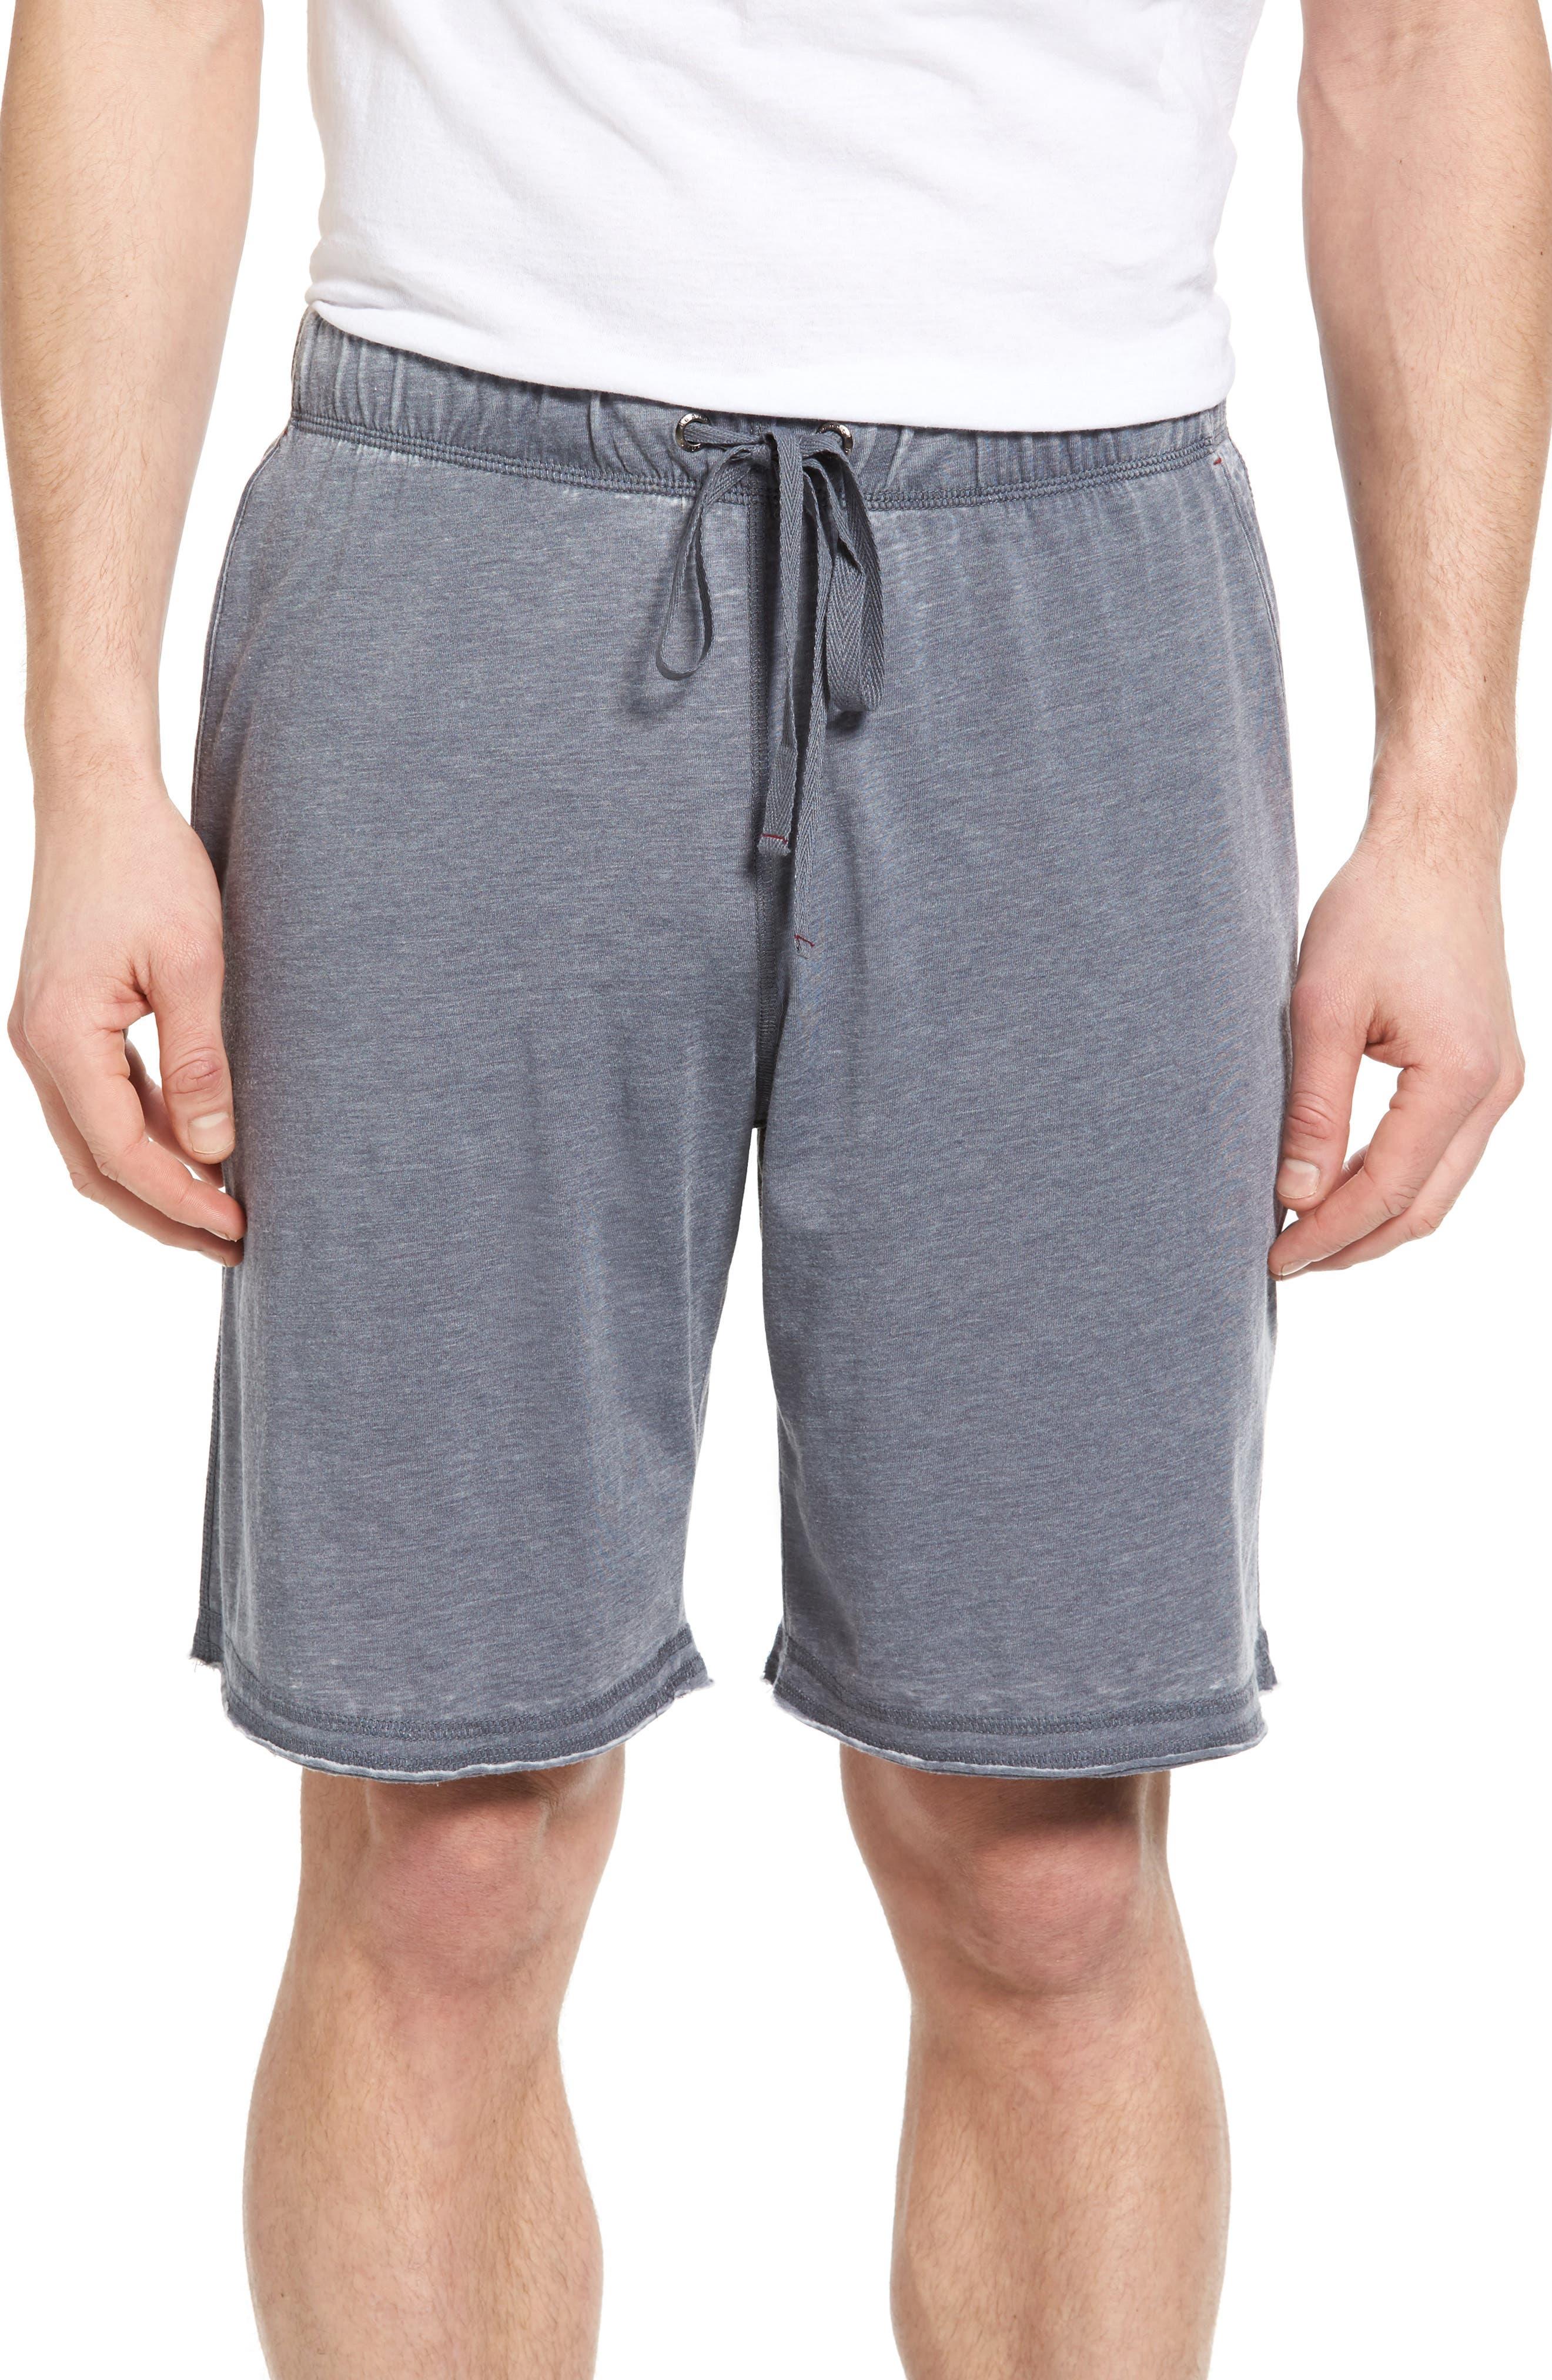 Burnout Lounge Shorts,                         Main,                         color, 020